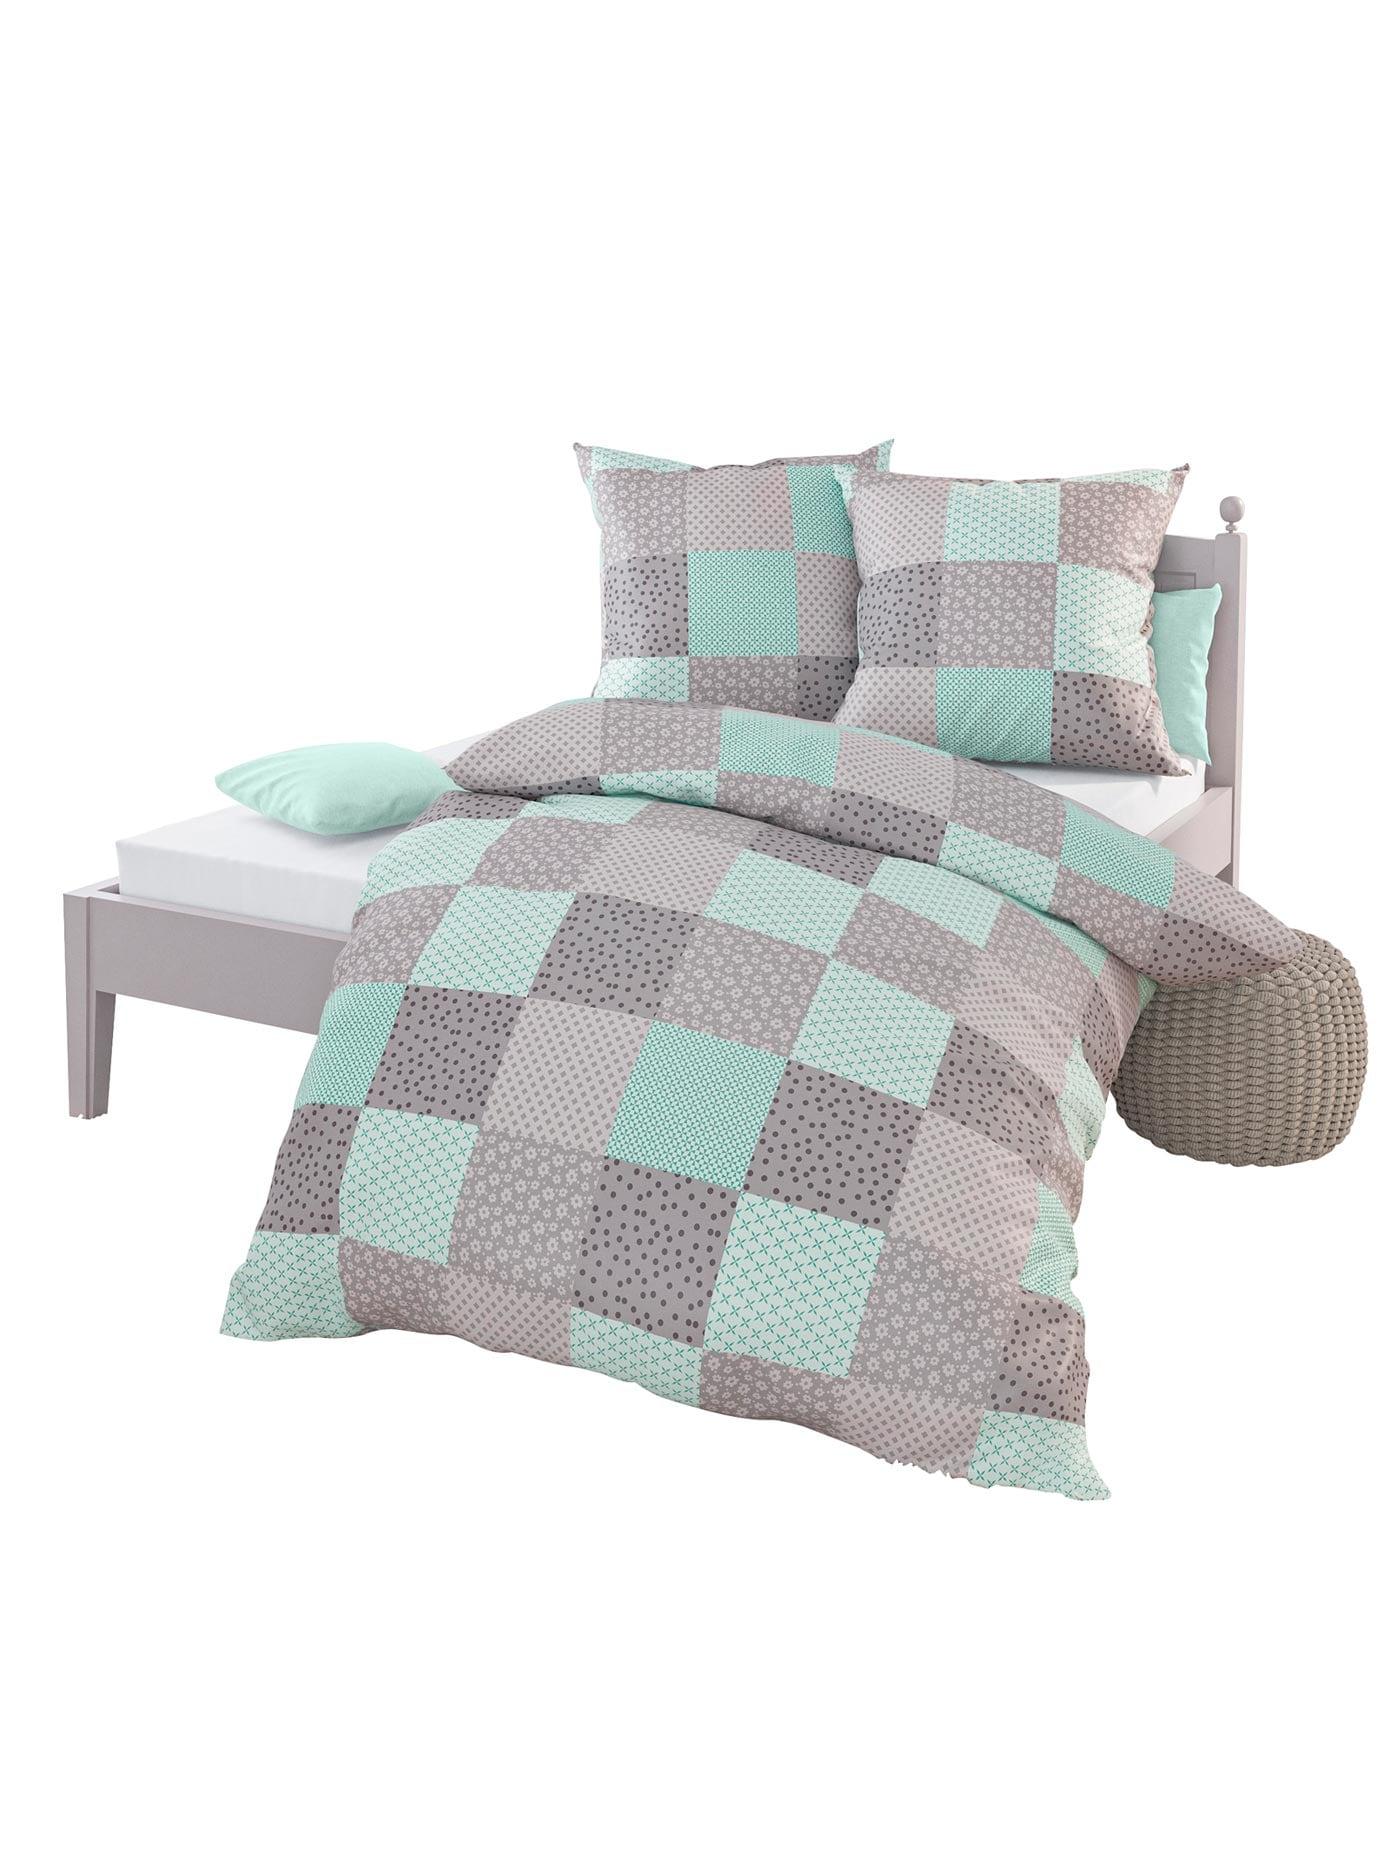 wäschepur Bettwäsche grau nach Material Bettwäsche, Bettlaken und Betttücher